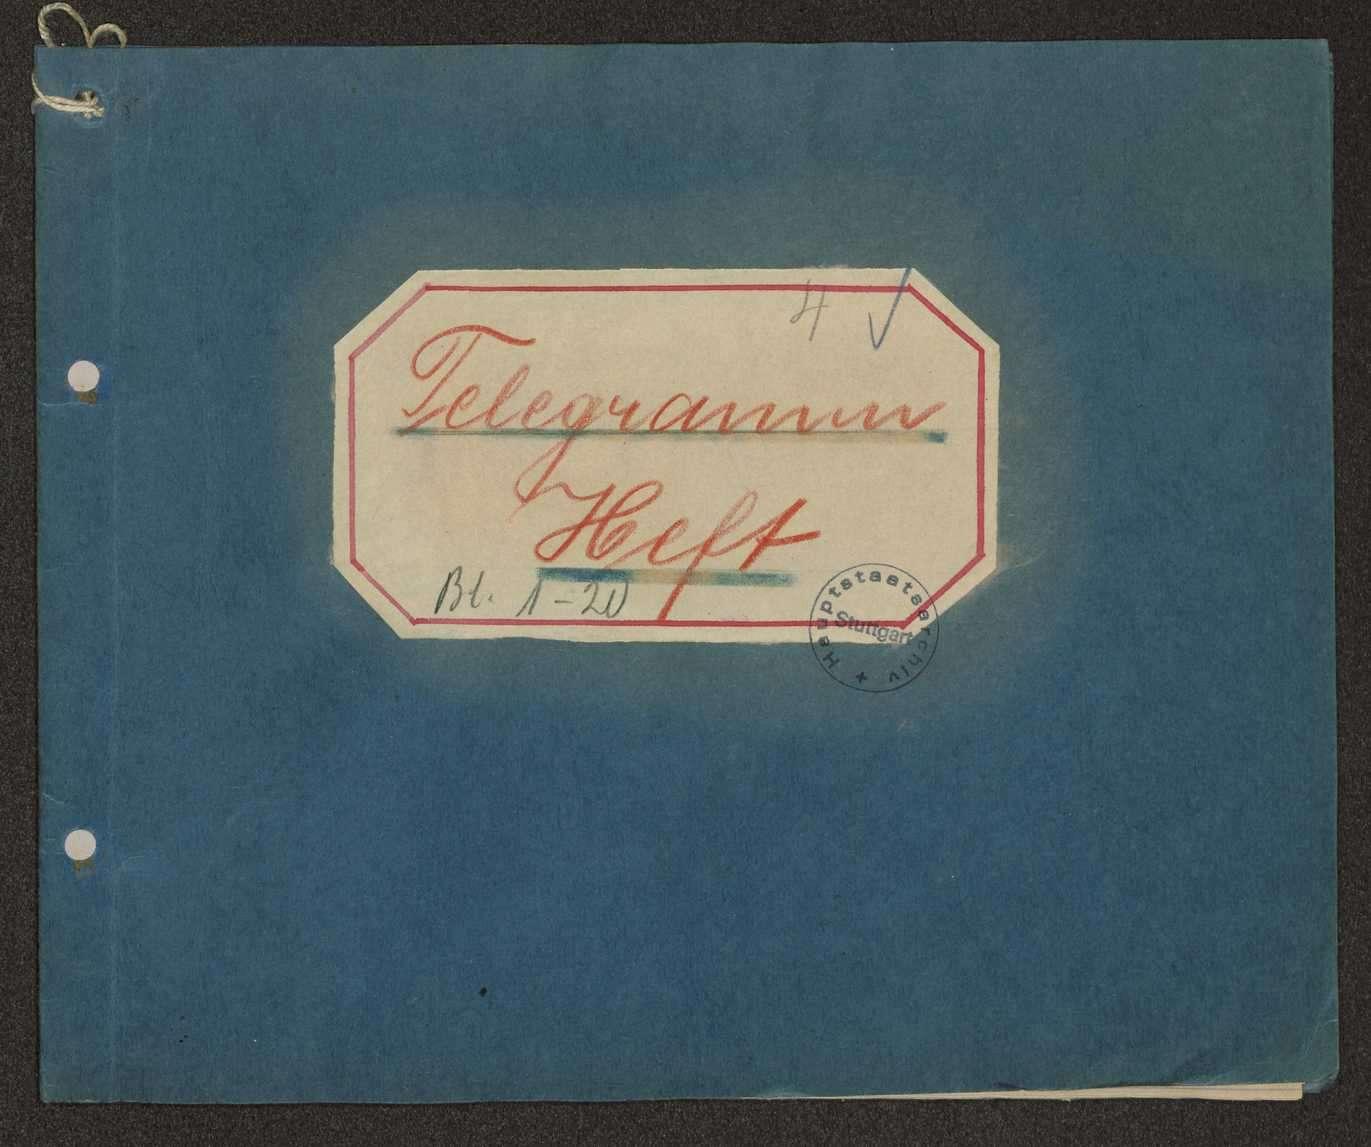 Telegrammheft des Garnisonrats über ein- und auslaufende Telegramme, Bild 1